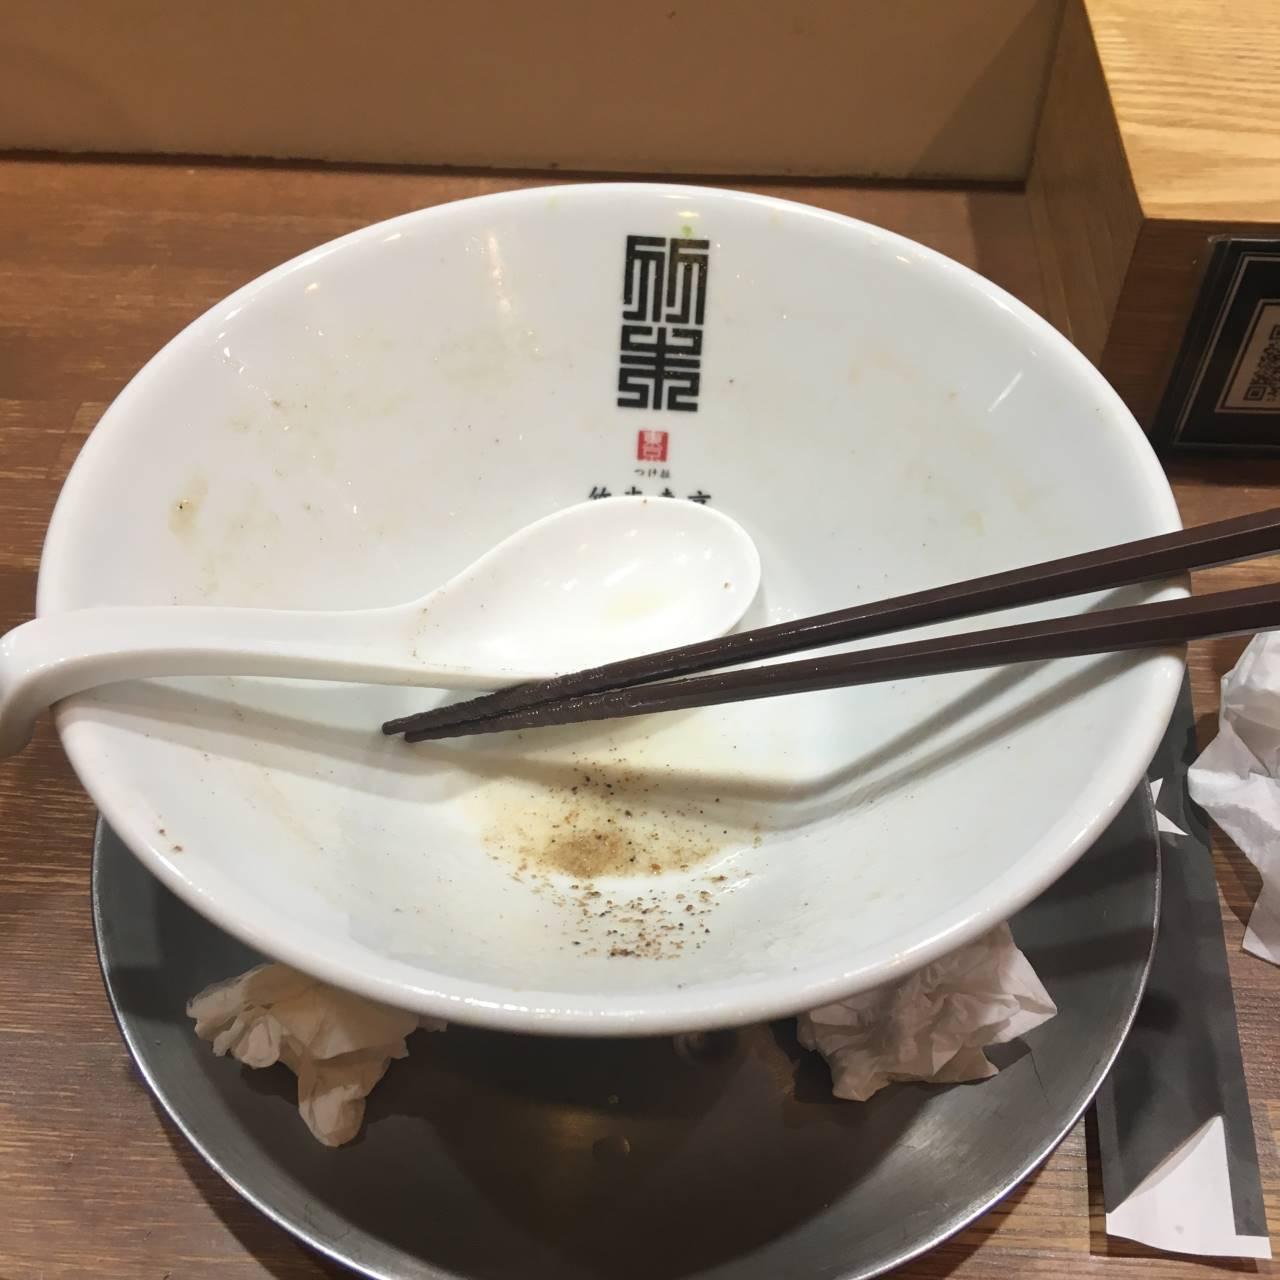 ヤシオマスの塩そば麺大盛り(竹末東京プレミアム)完食した丼